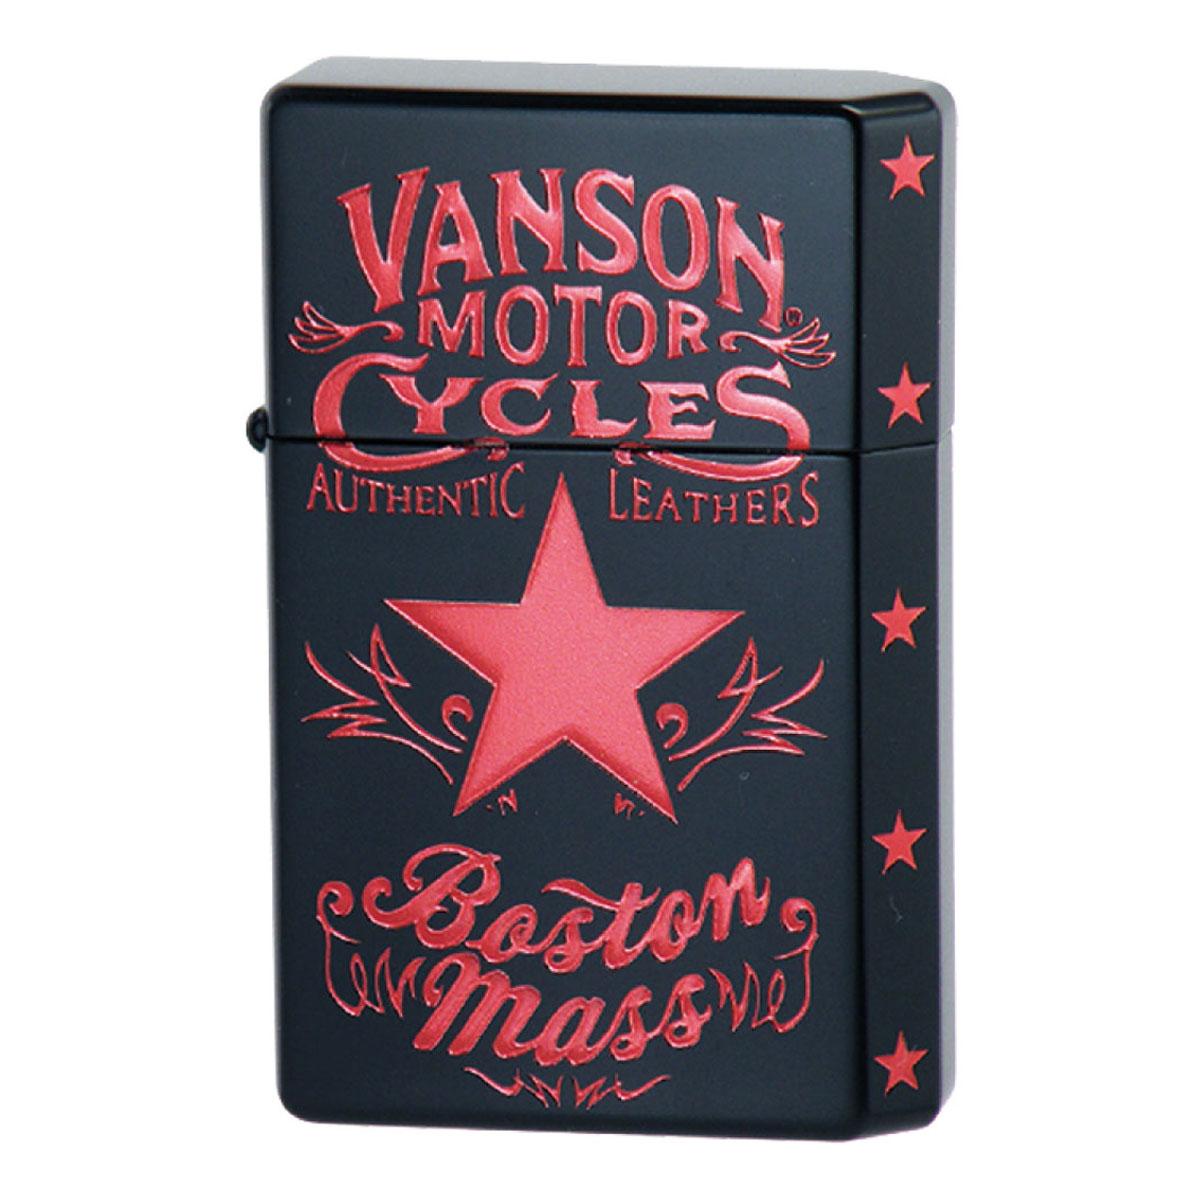 オイルライター 名入れ 日本製 GEAR TOP ギアトップ VANSON バンソン スターデザイン ブラック V-GT-08 名入れ ギフト プレゼント 贈り物 返品不可 誕生日 USBライター メンズ Men's おしゃれ